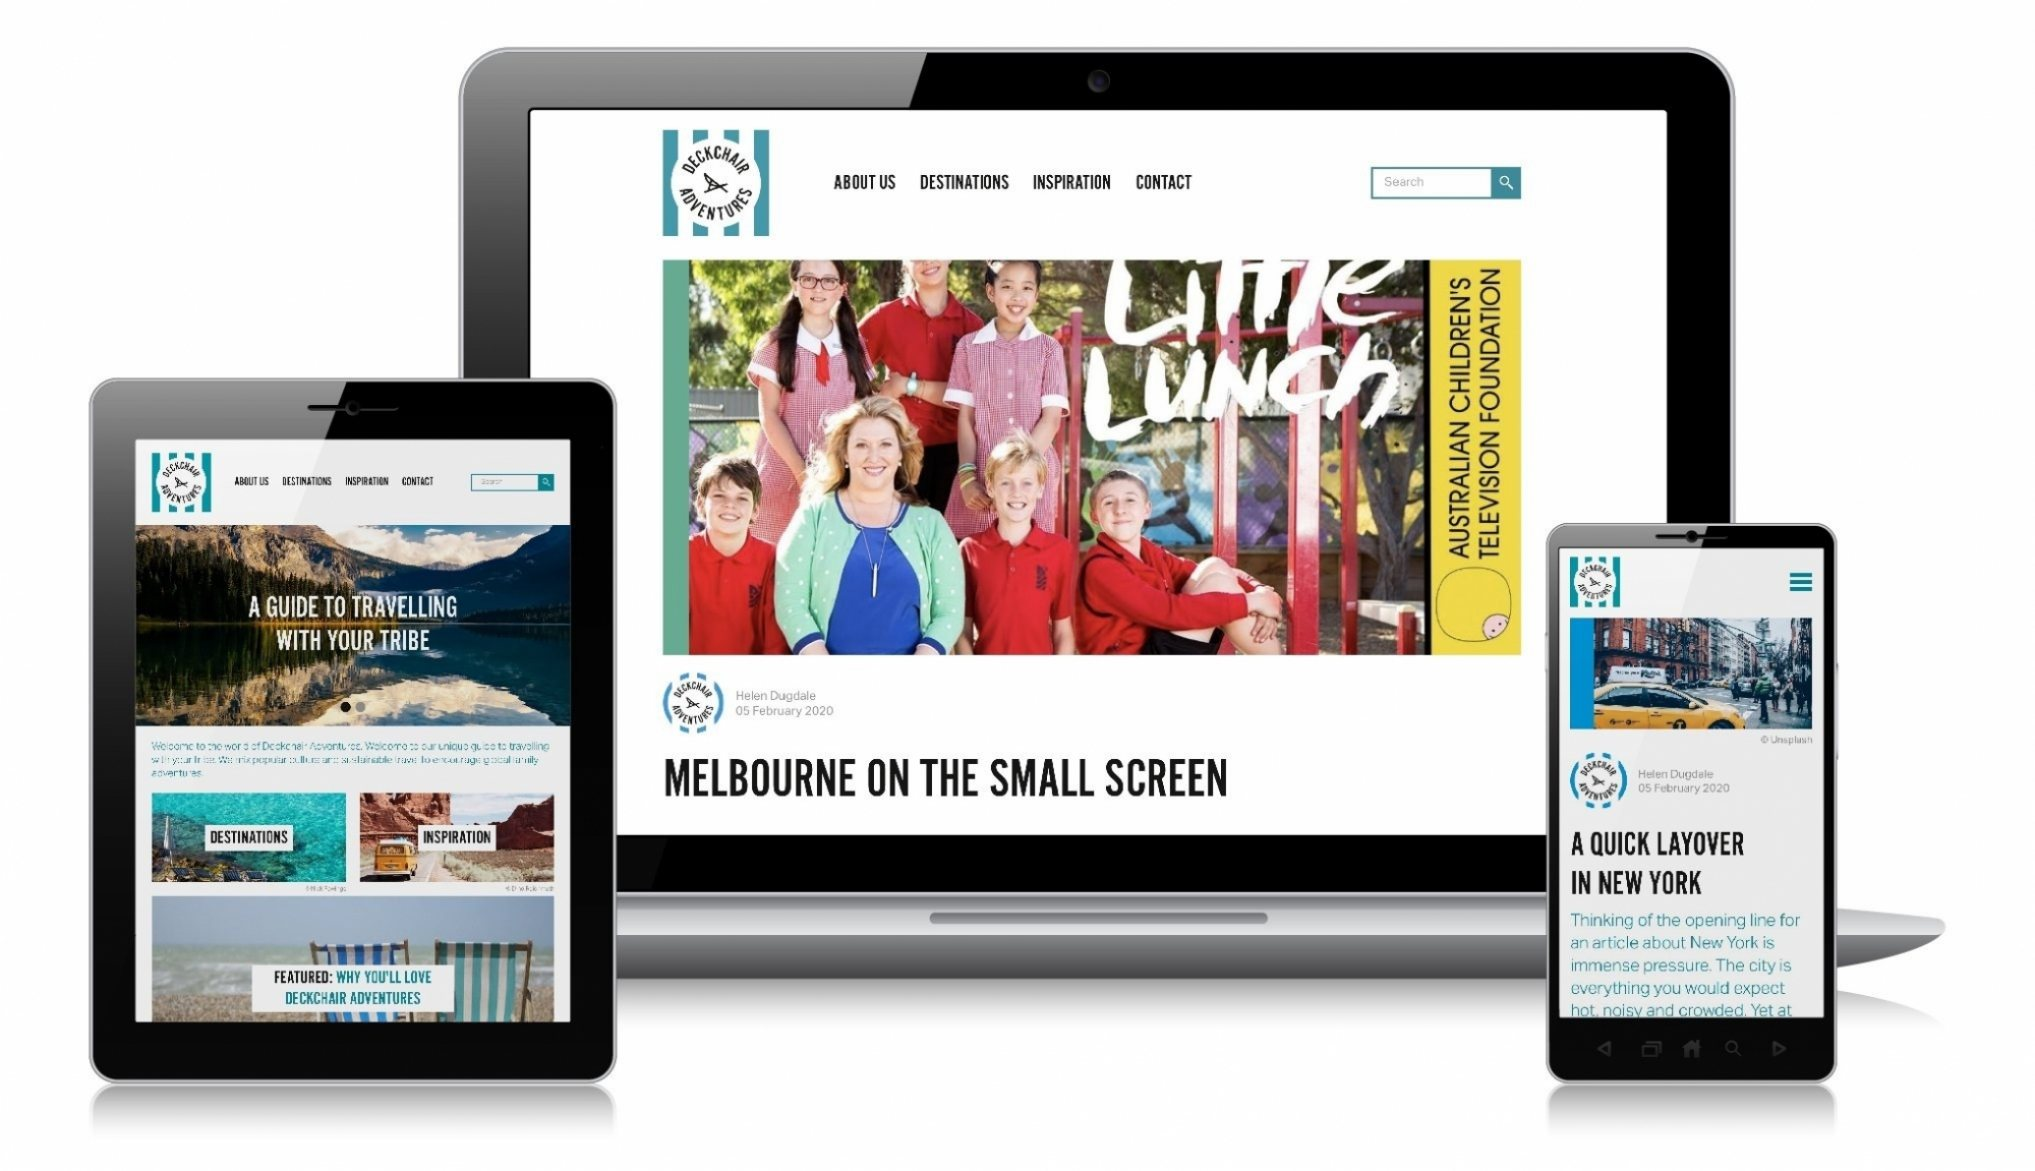 Deckchair Adventures website design in Craft CMS